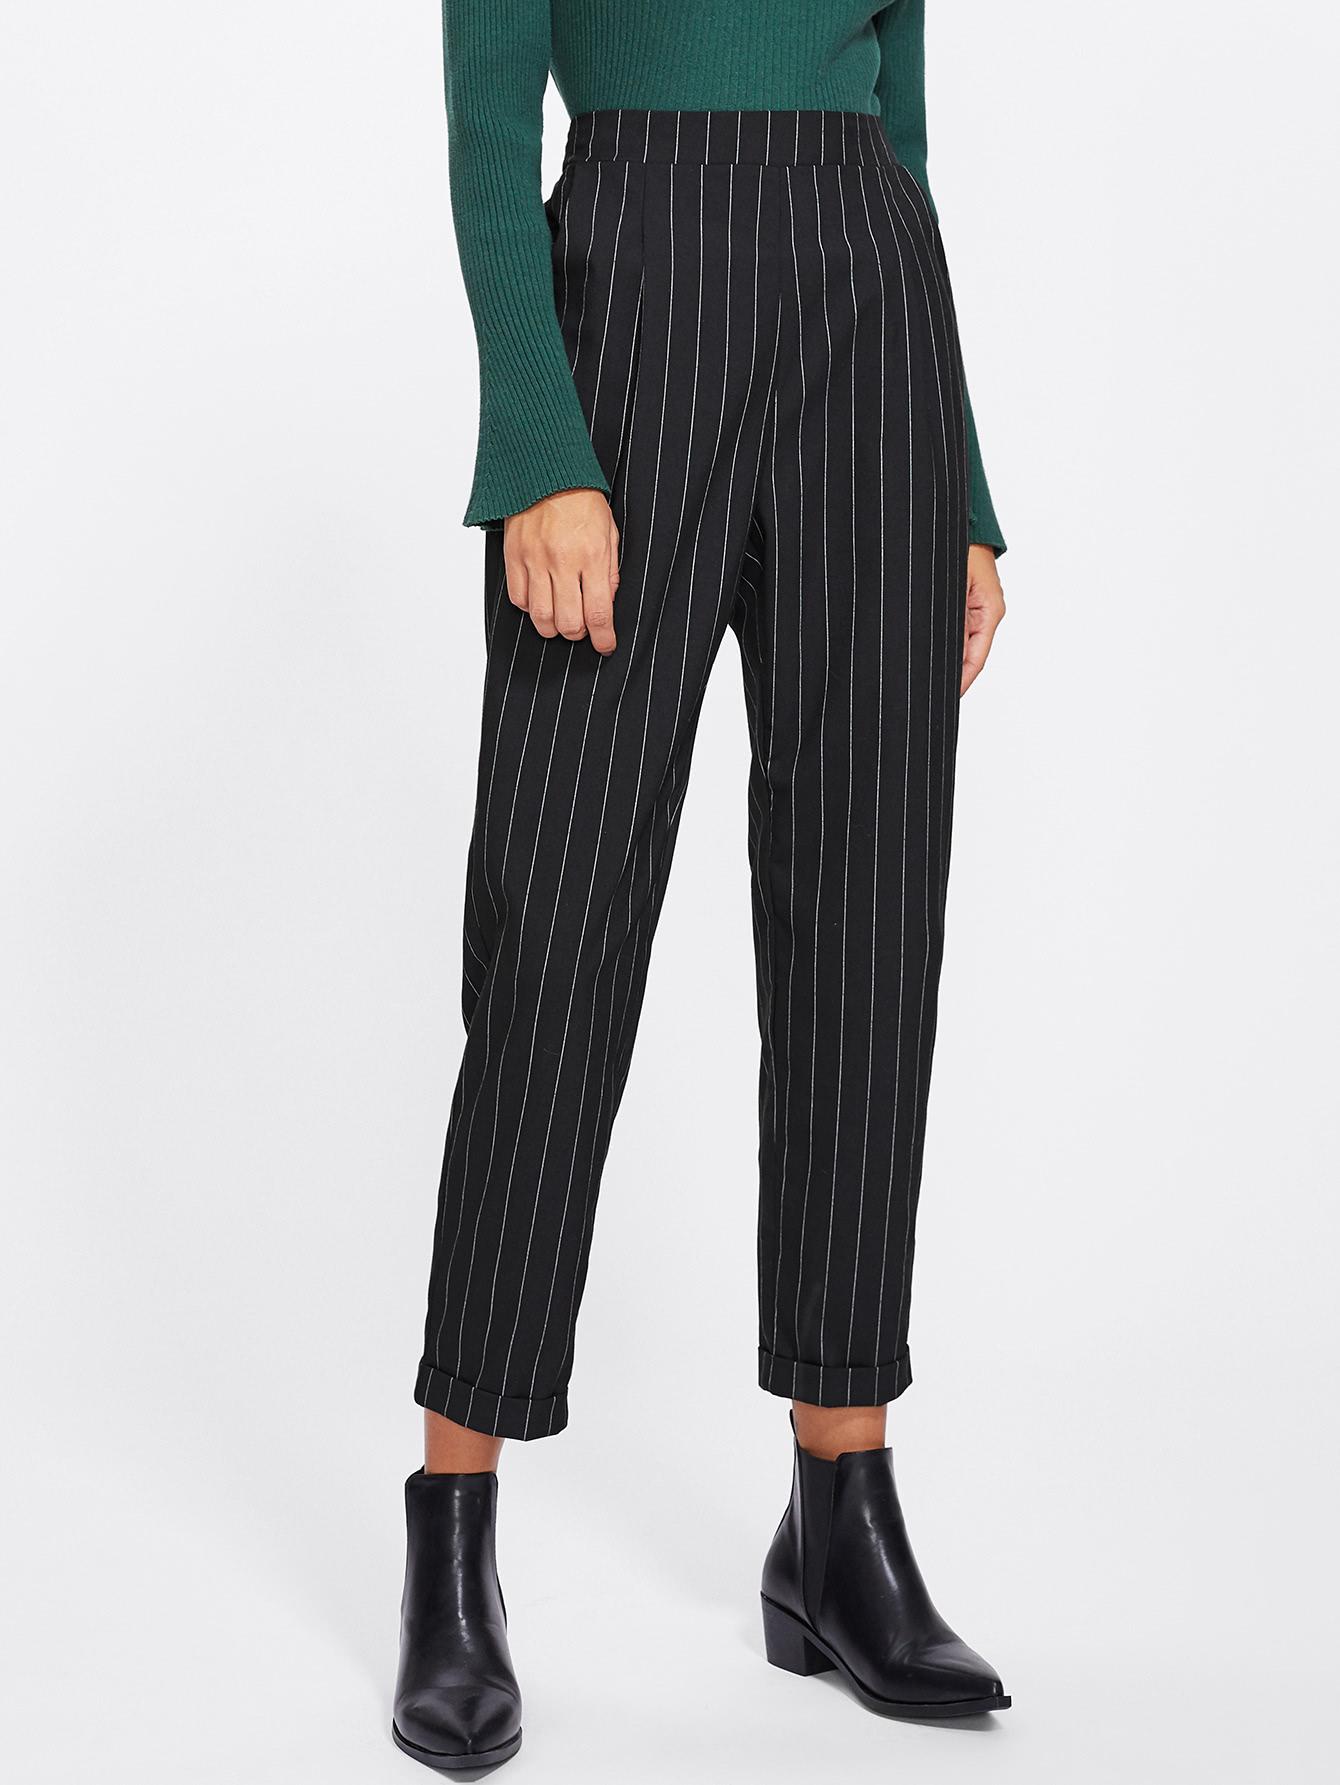 Cuffed Leg Pinstripe Peg Pants solid cuffed pants